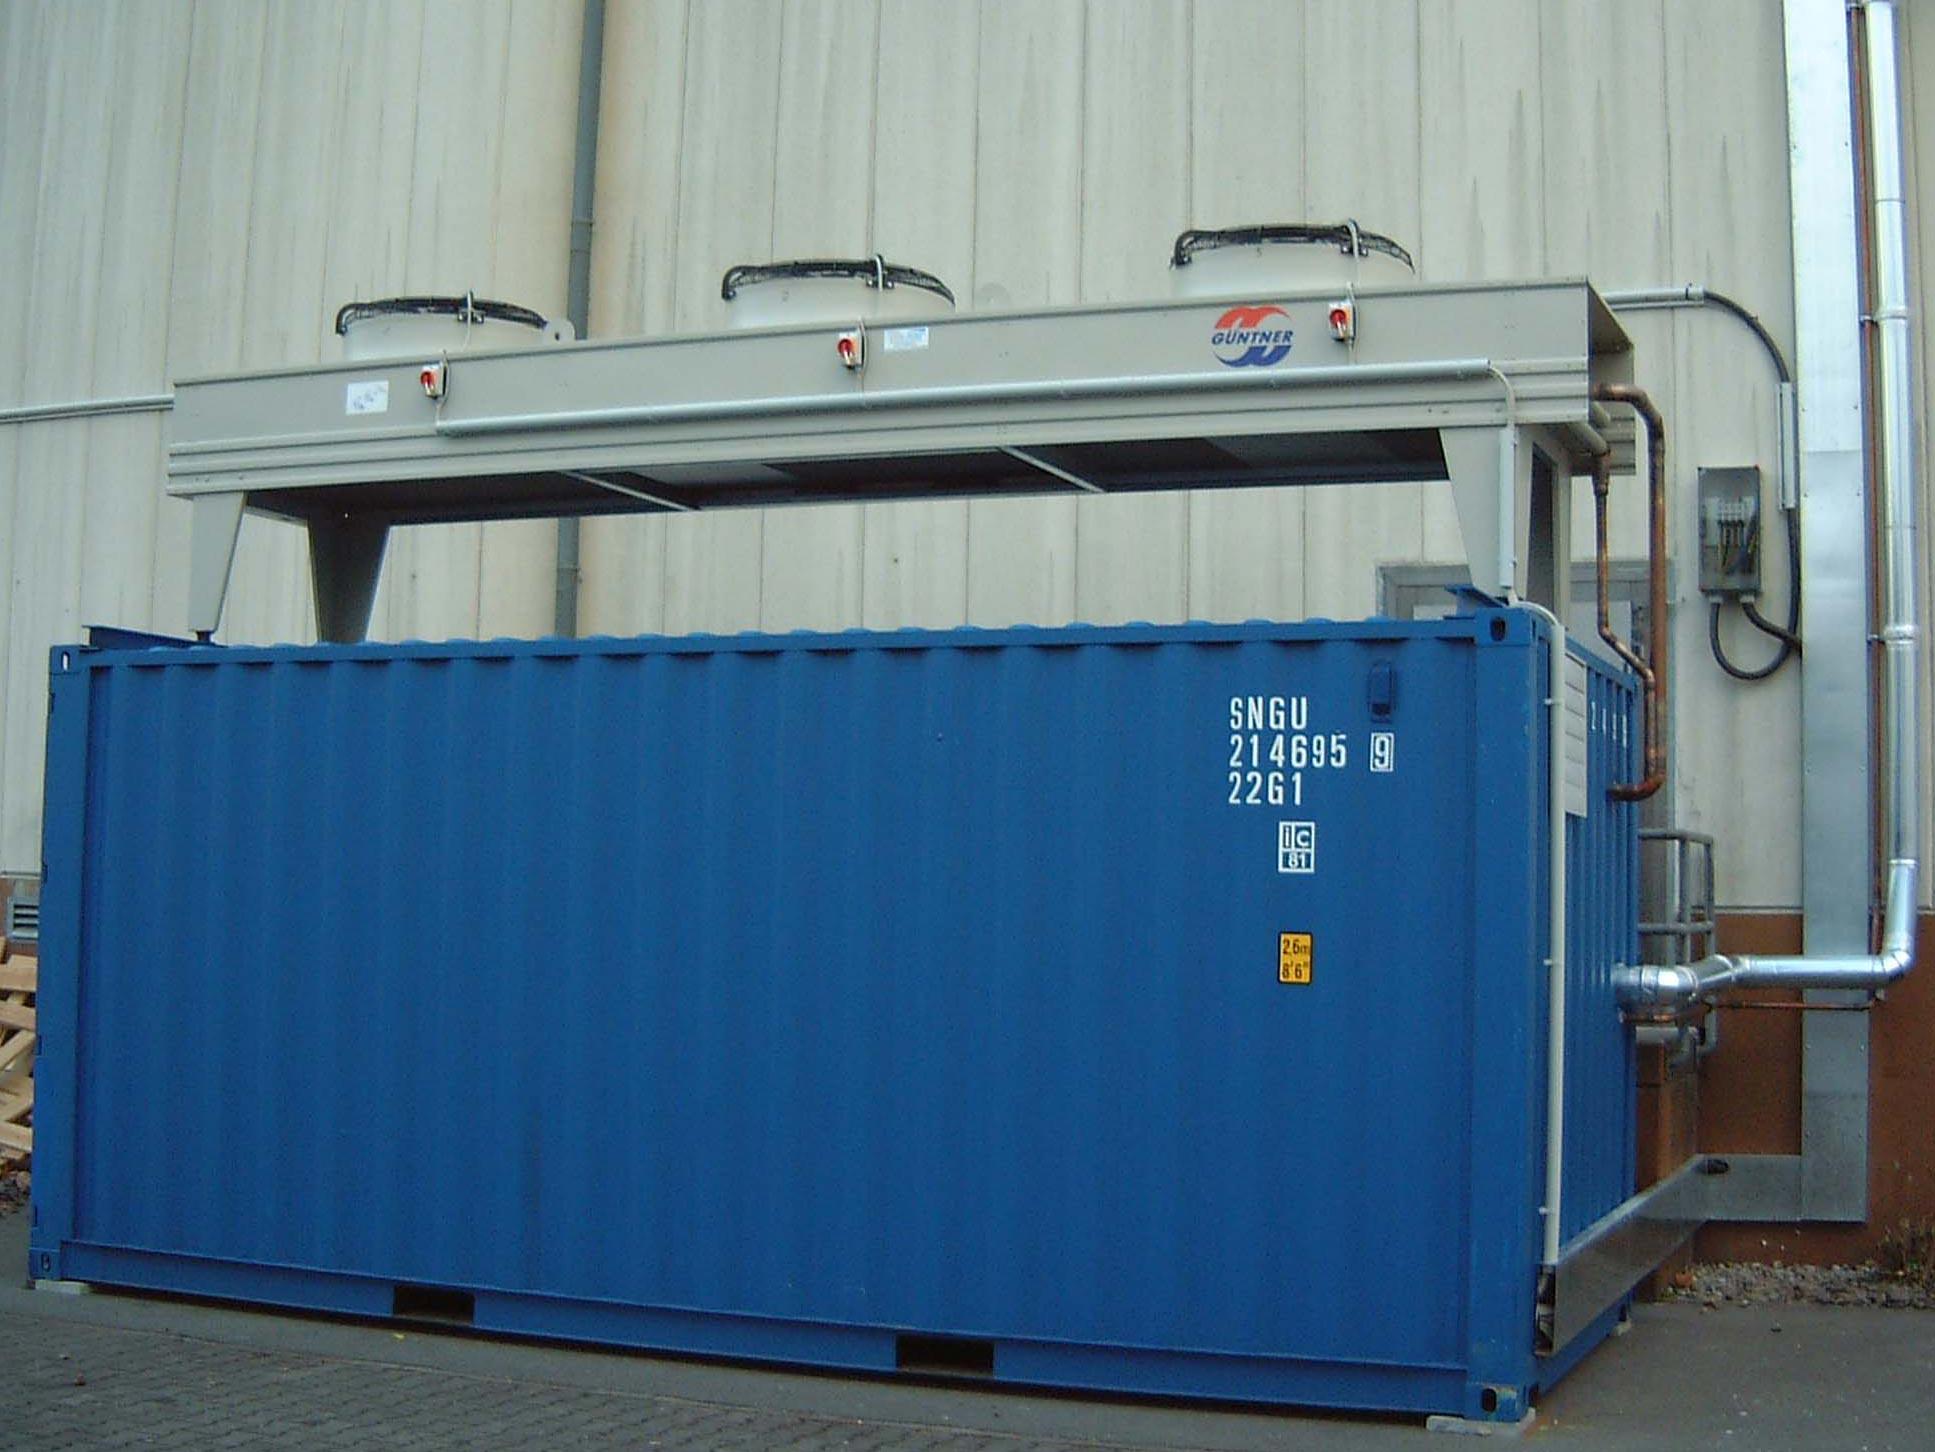 Betriebsfertige Kältetechnik in Container